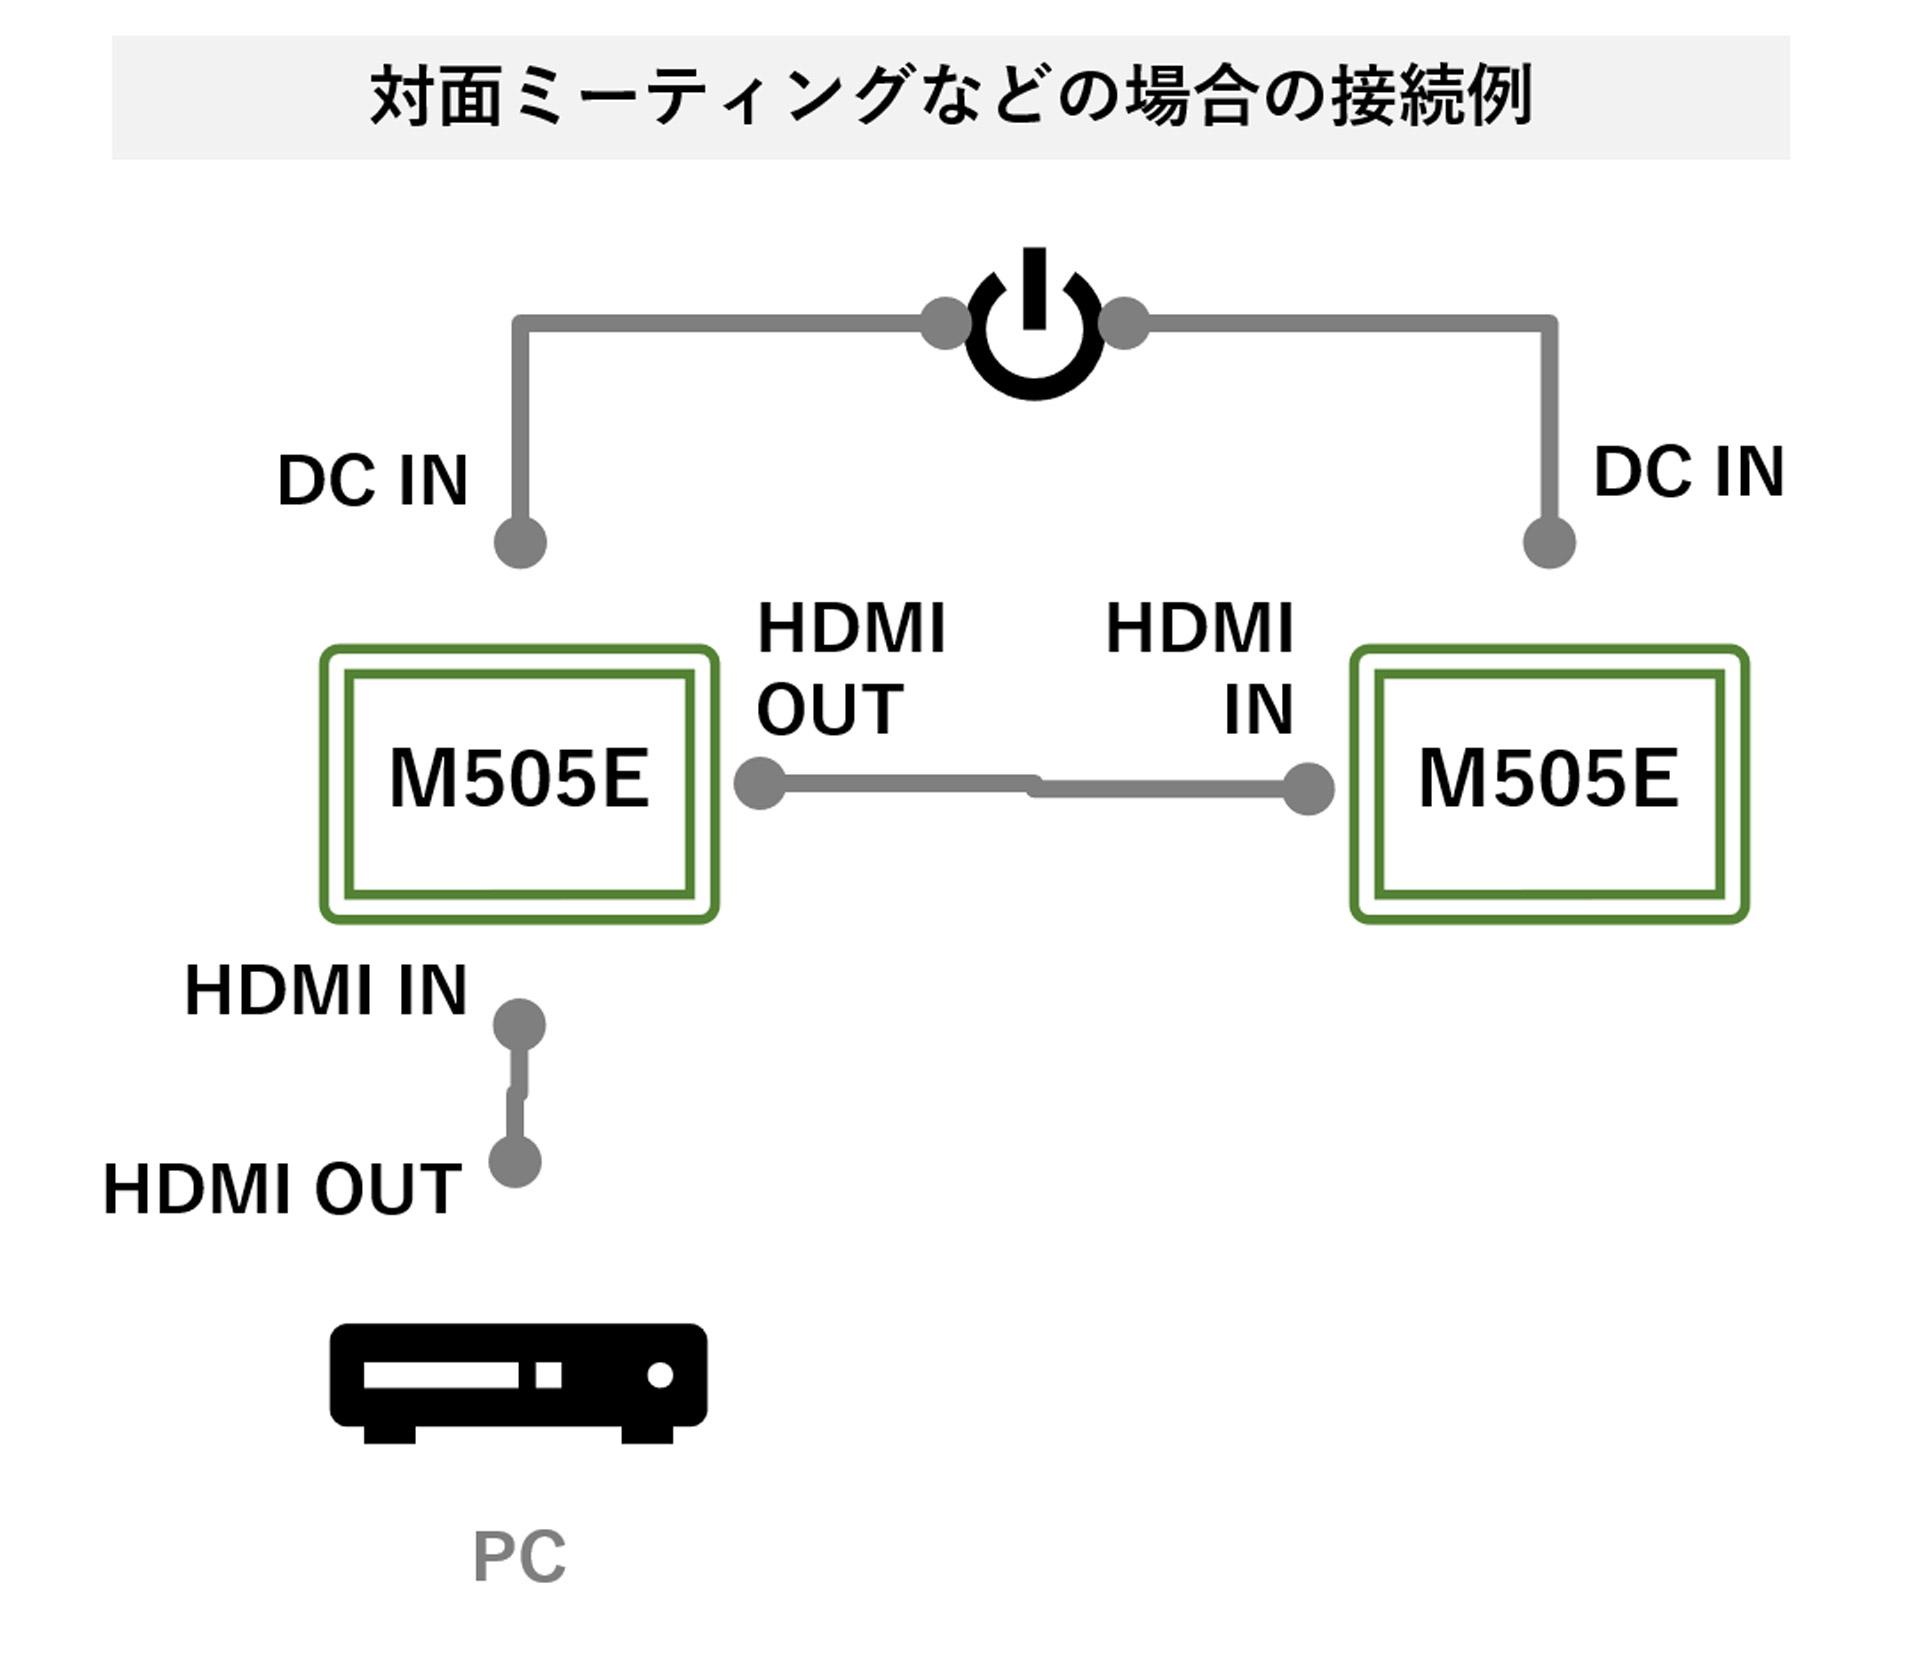 対面ミーティングなどの場合の接続例